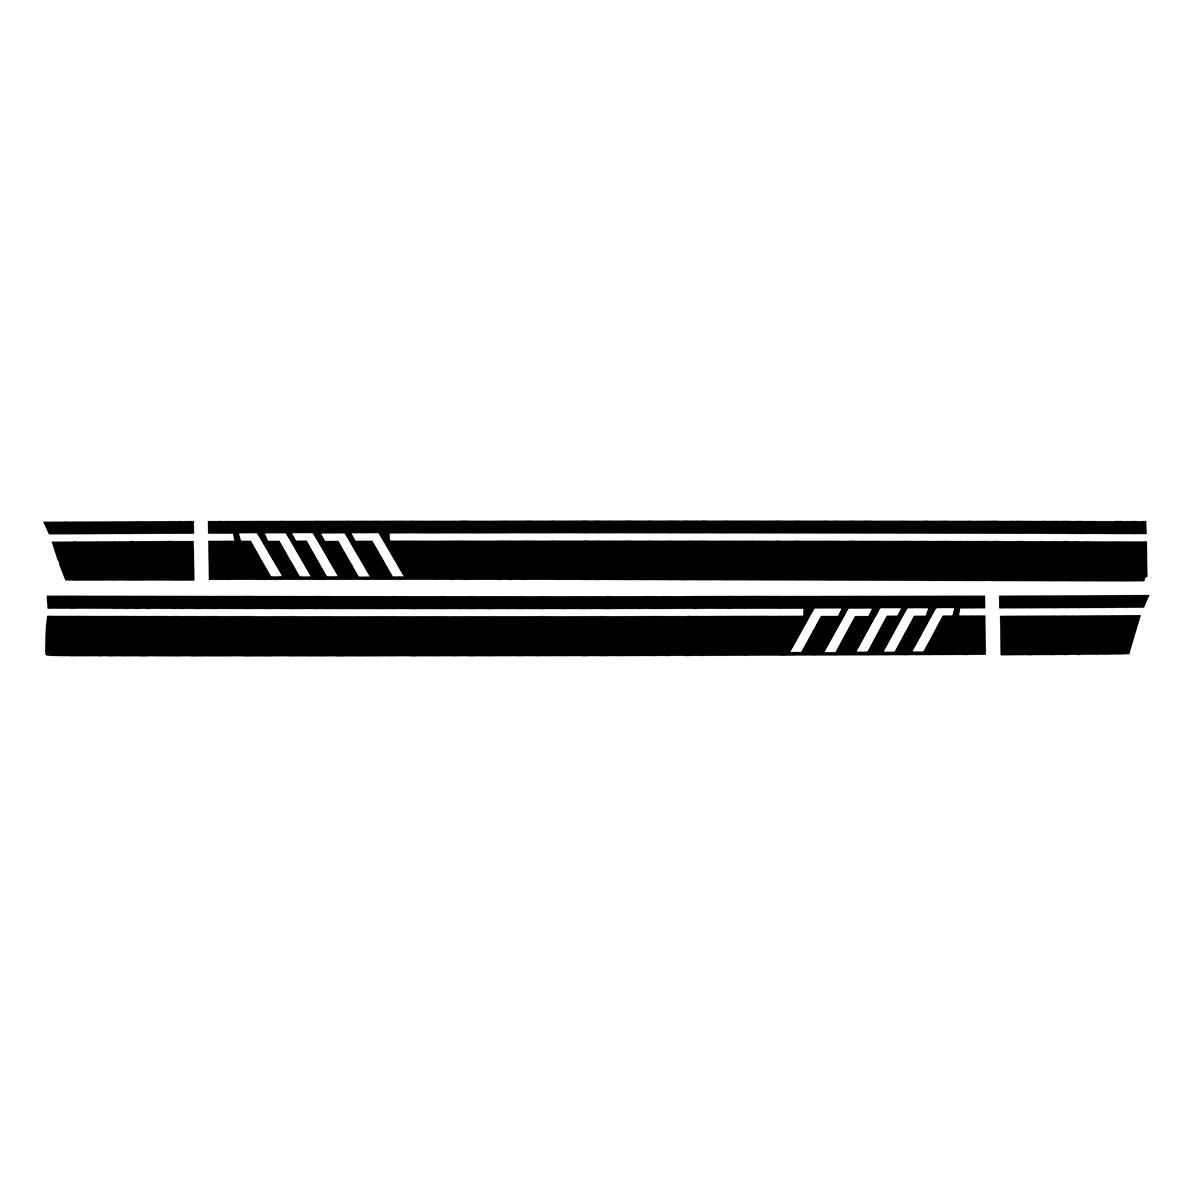 Стикер-наклейка на пару с боковыми полосами для Mercedes-Benz W117 C117 X117 CLA -AMG